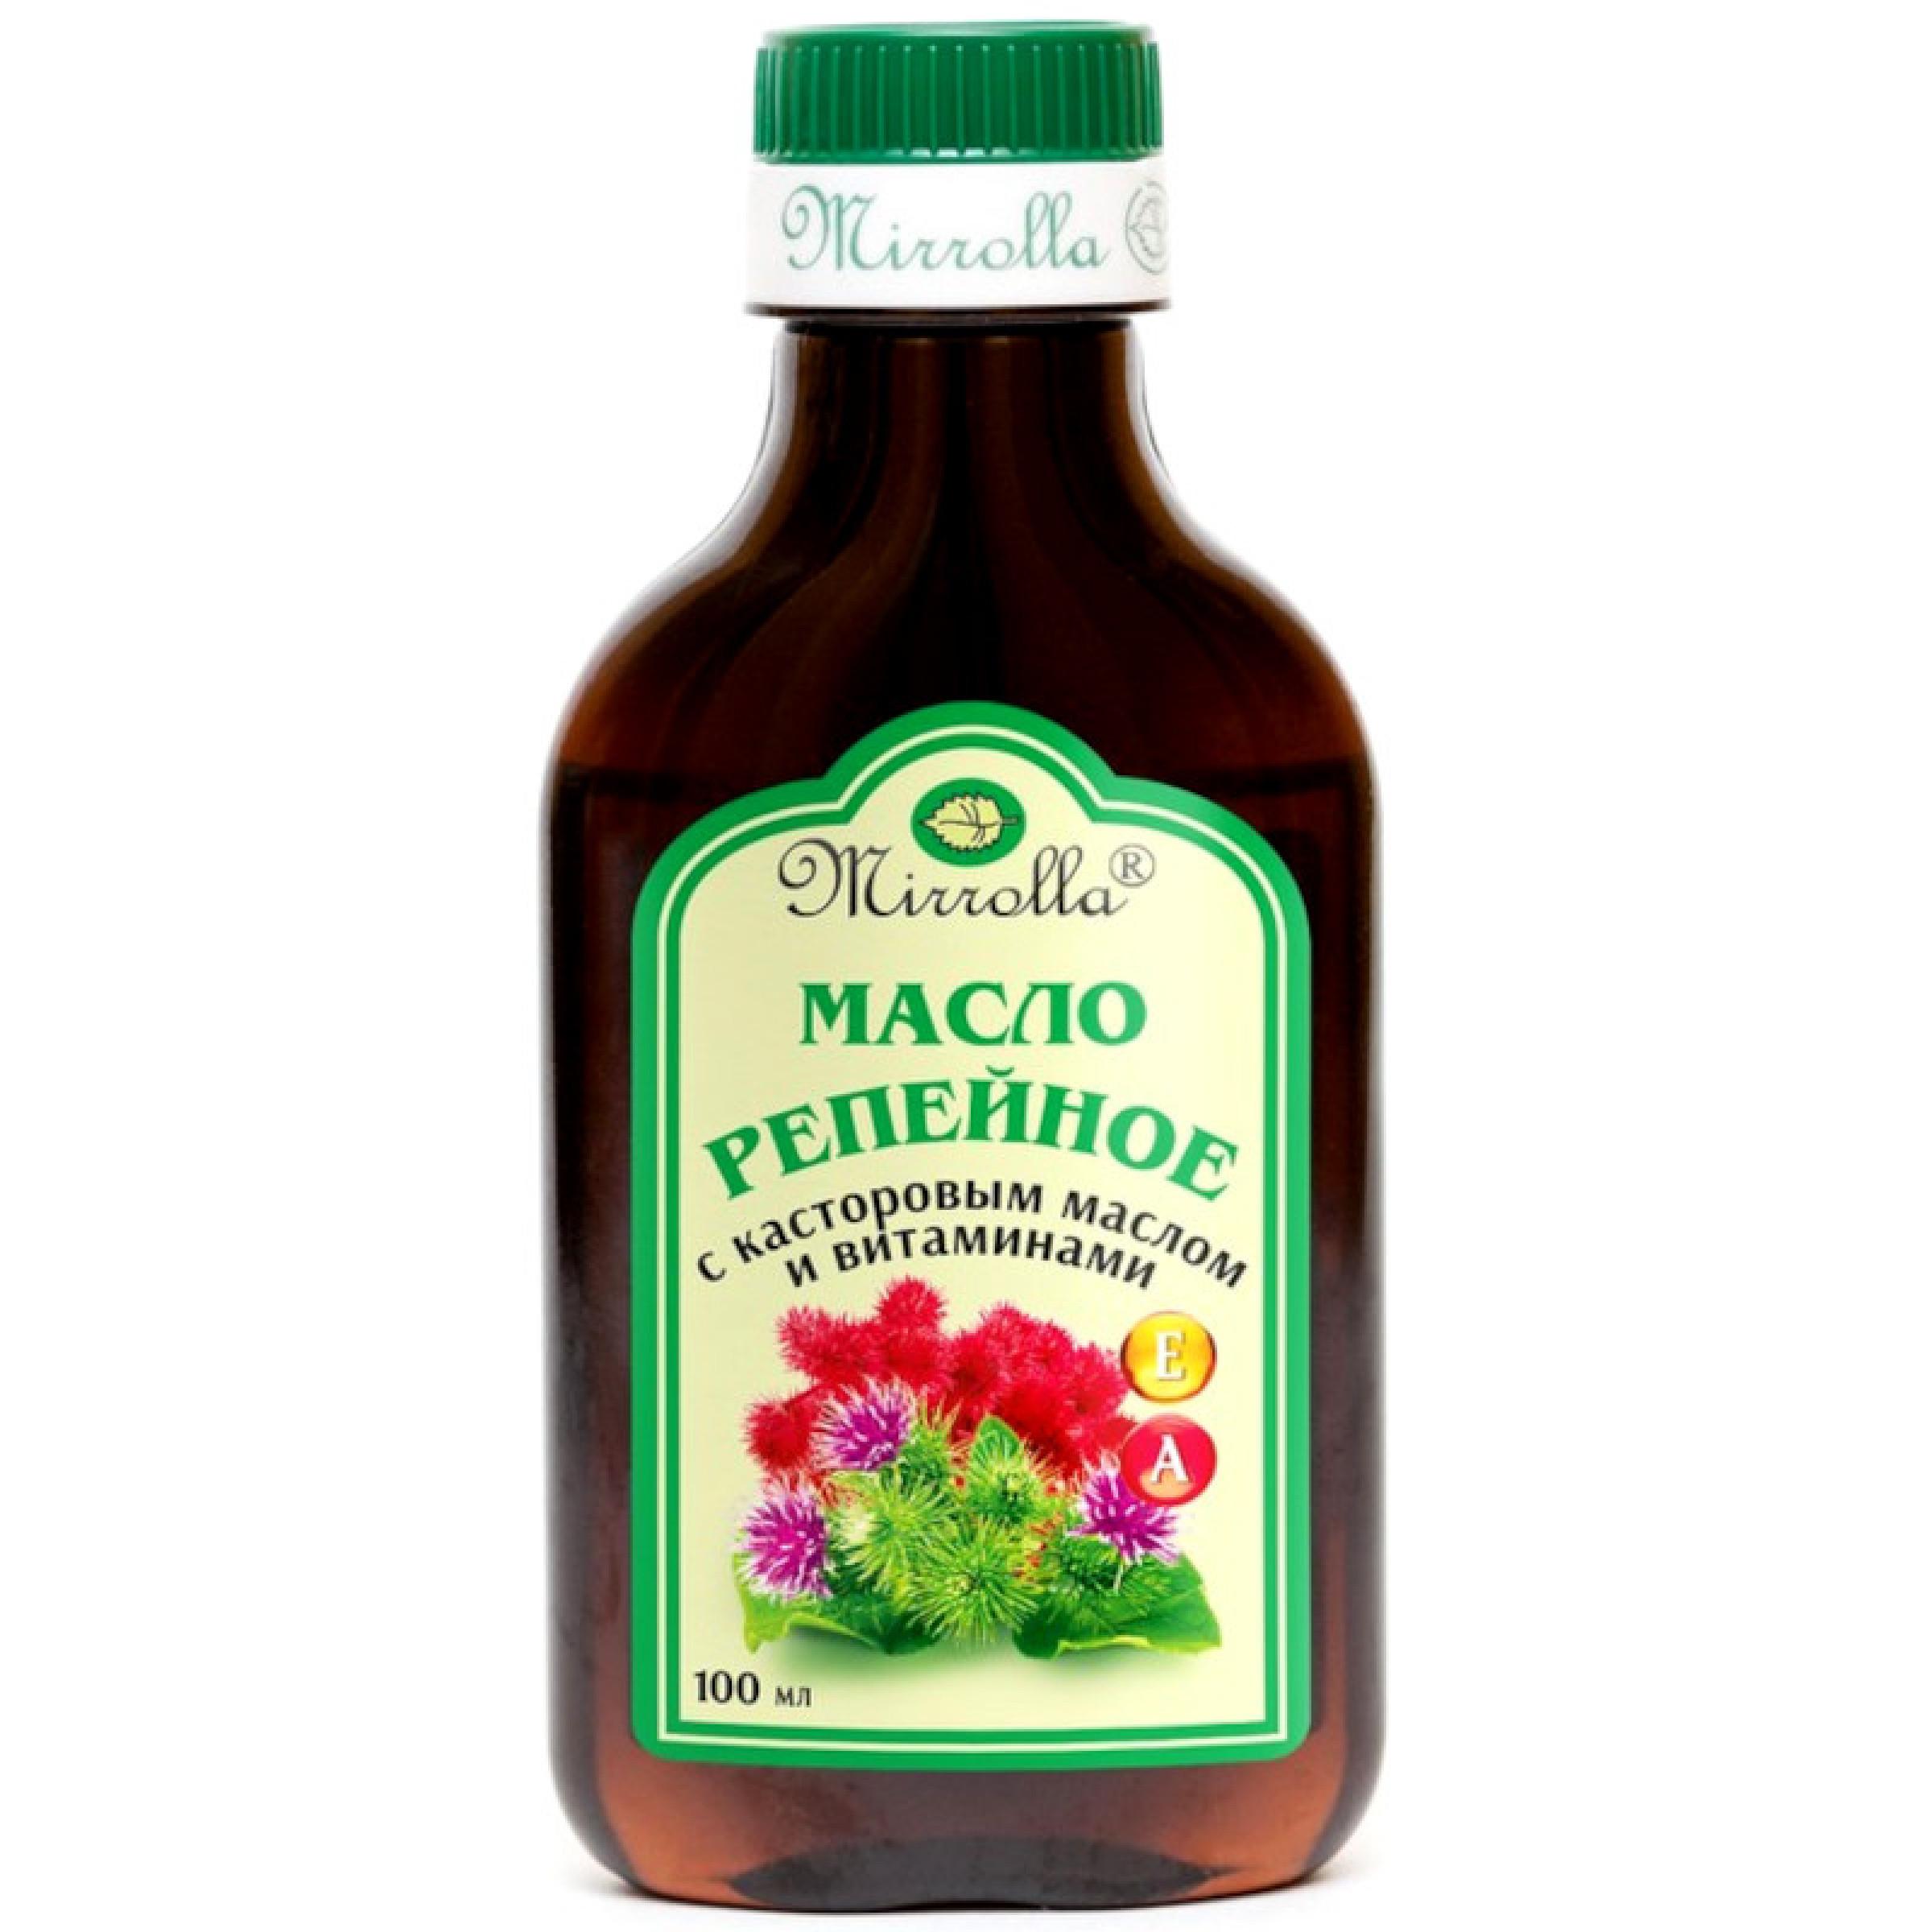 Масло Mirolla репейное с касторовым маслом и витаминами, 100мл